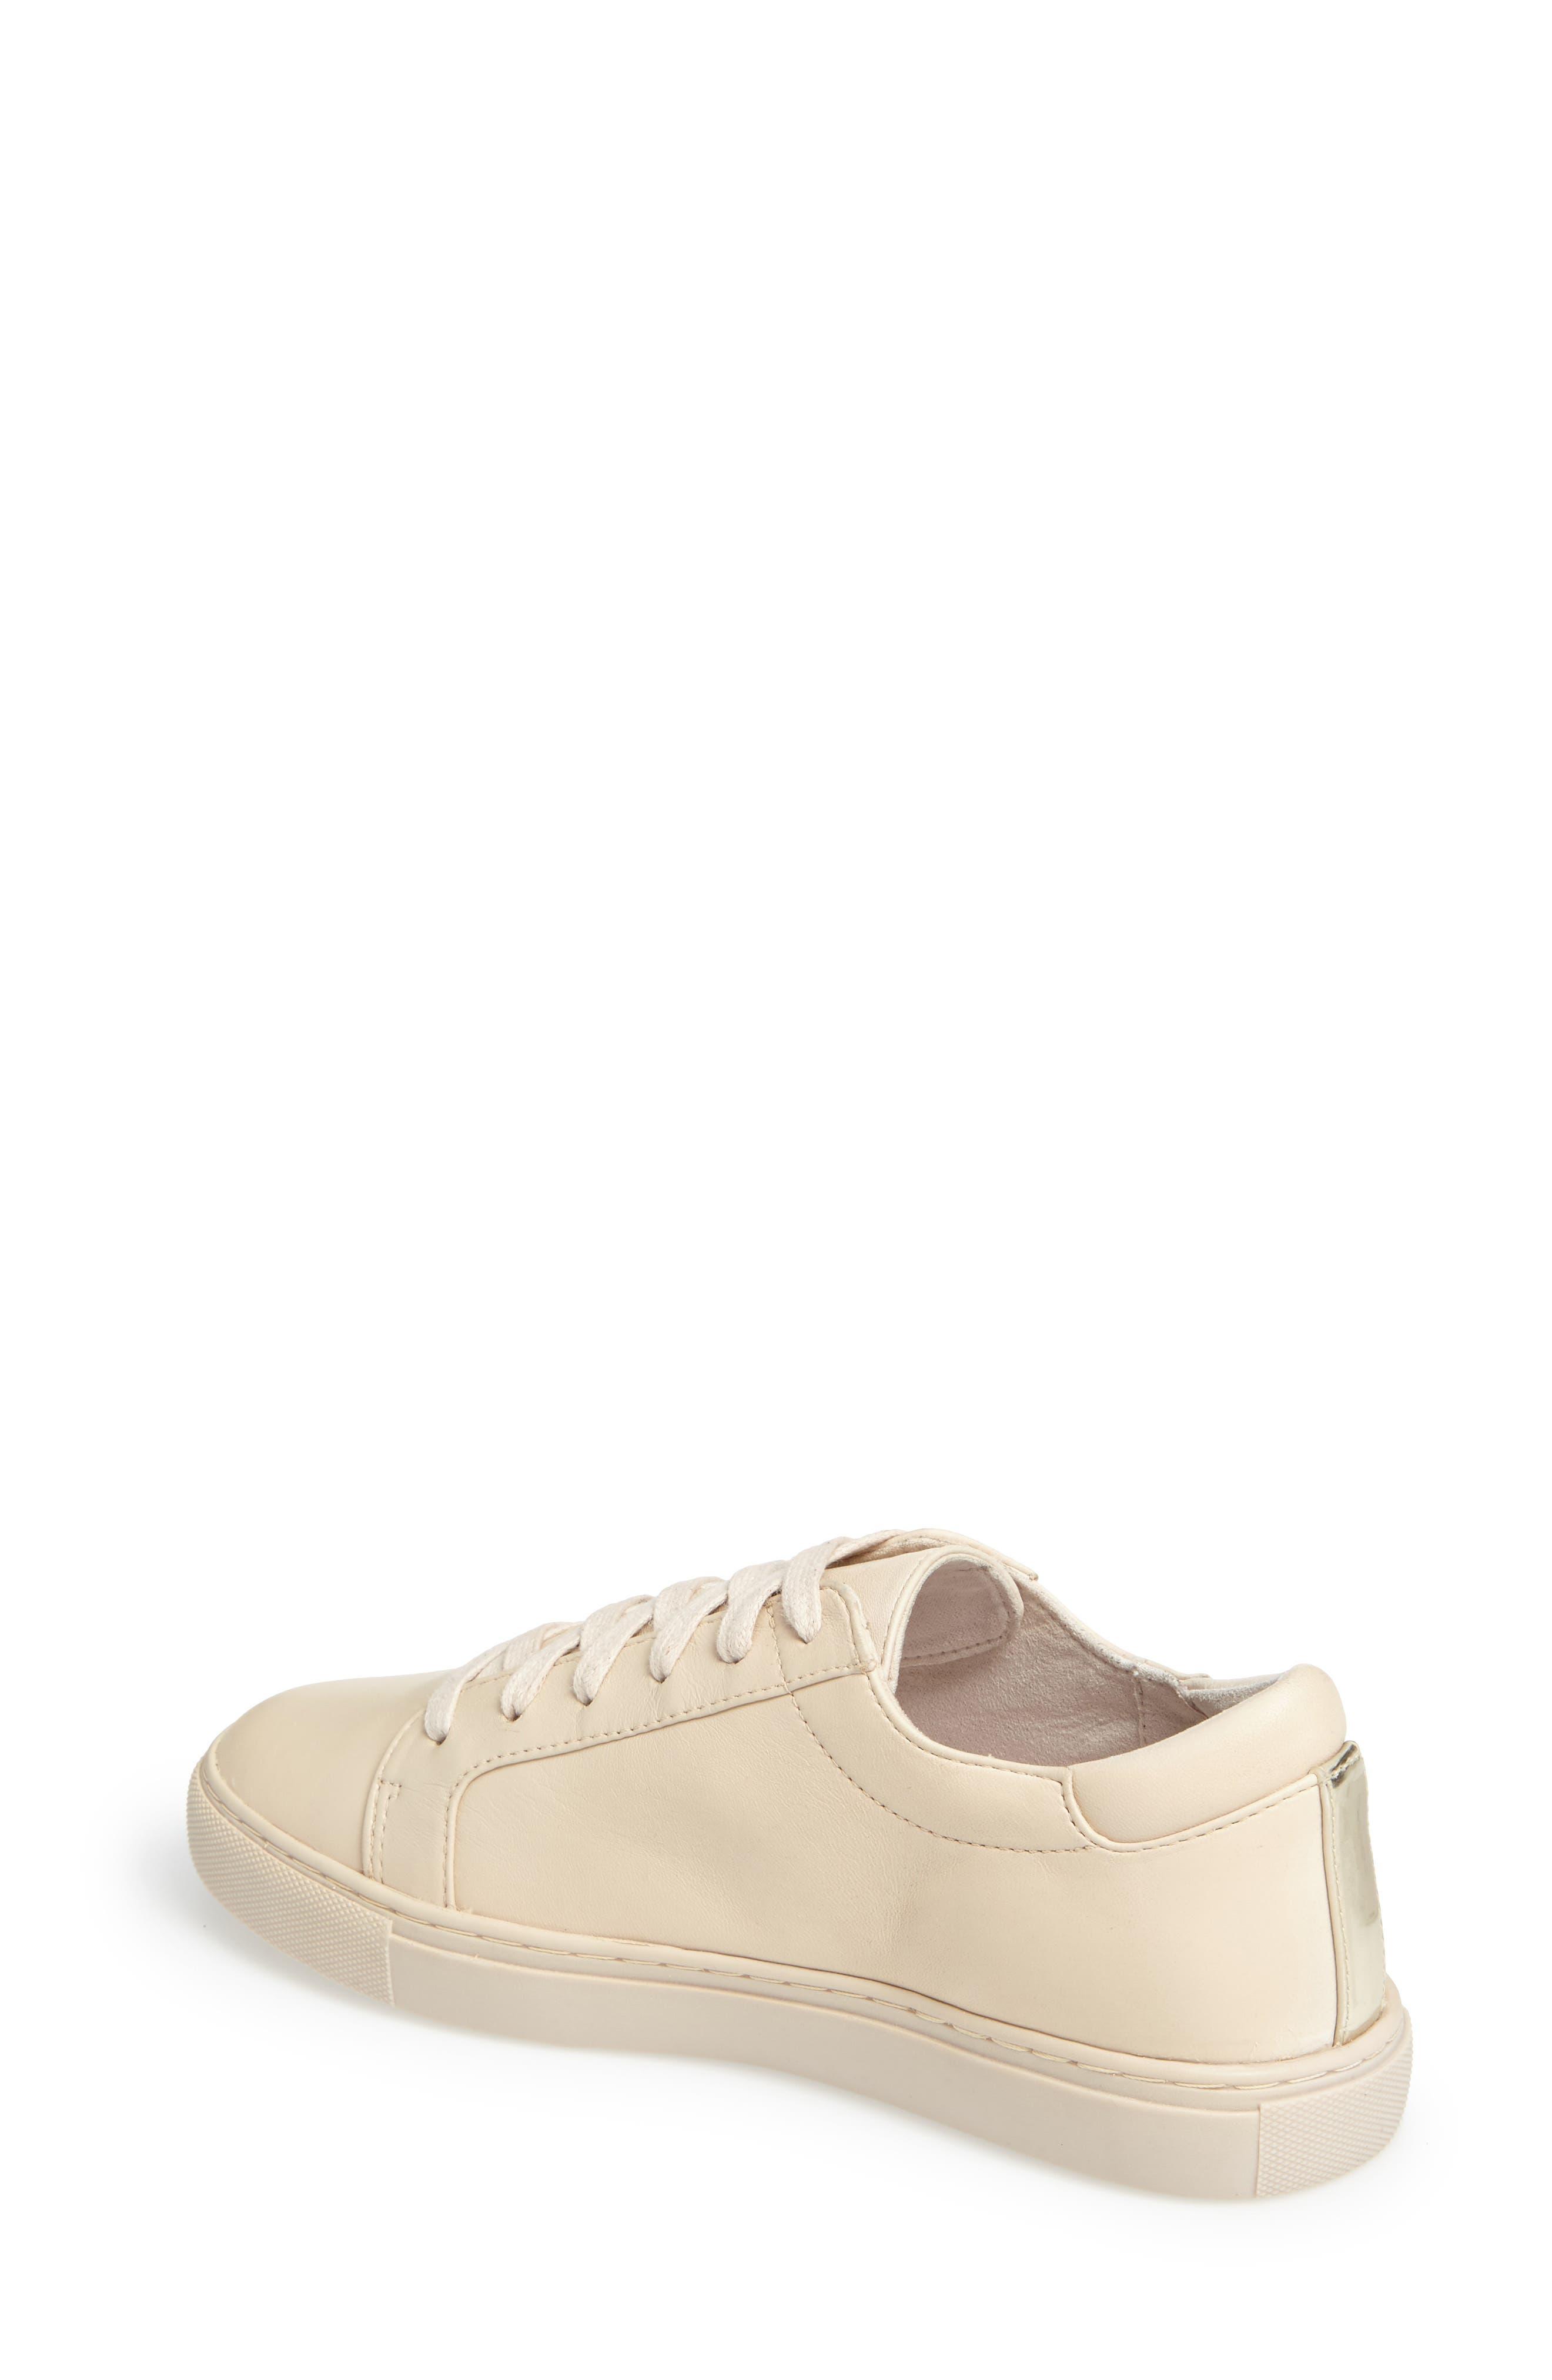 'Kam' Sneaker,                             Alternate thumbnail 124, color,